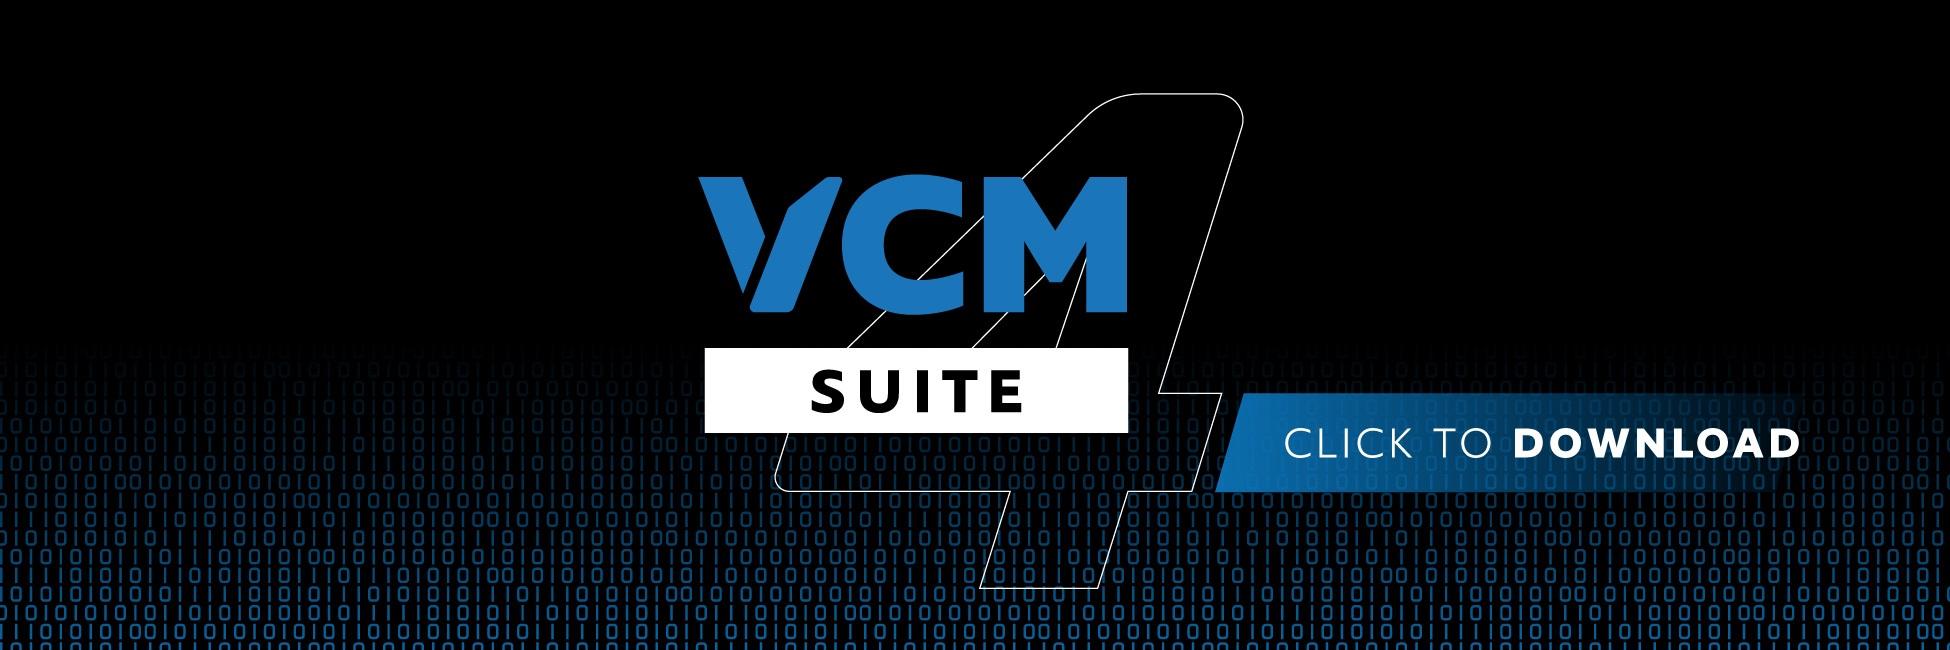 VCM-Suite